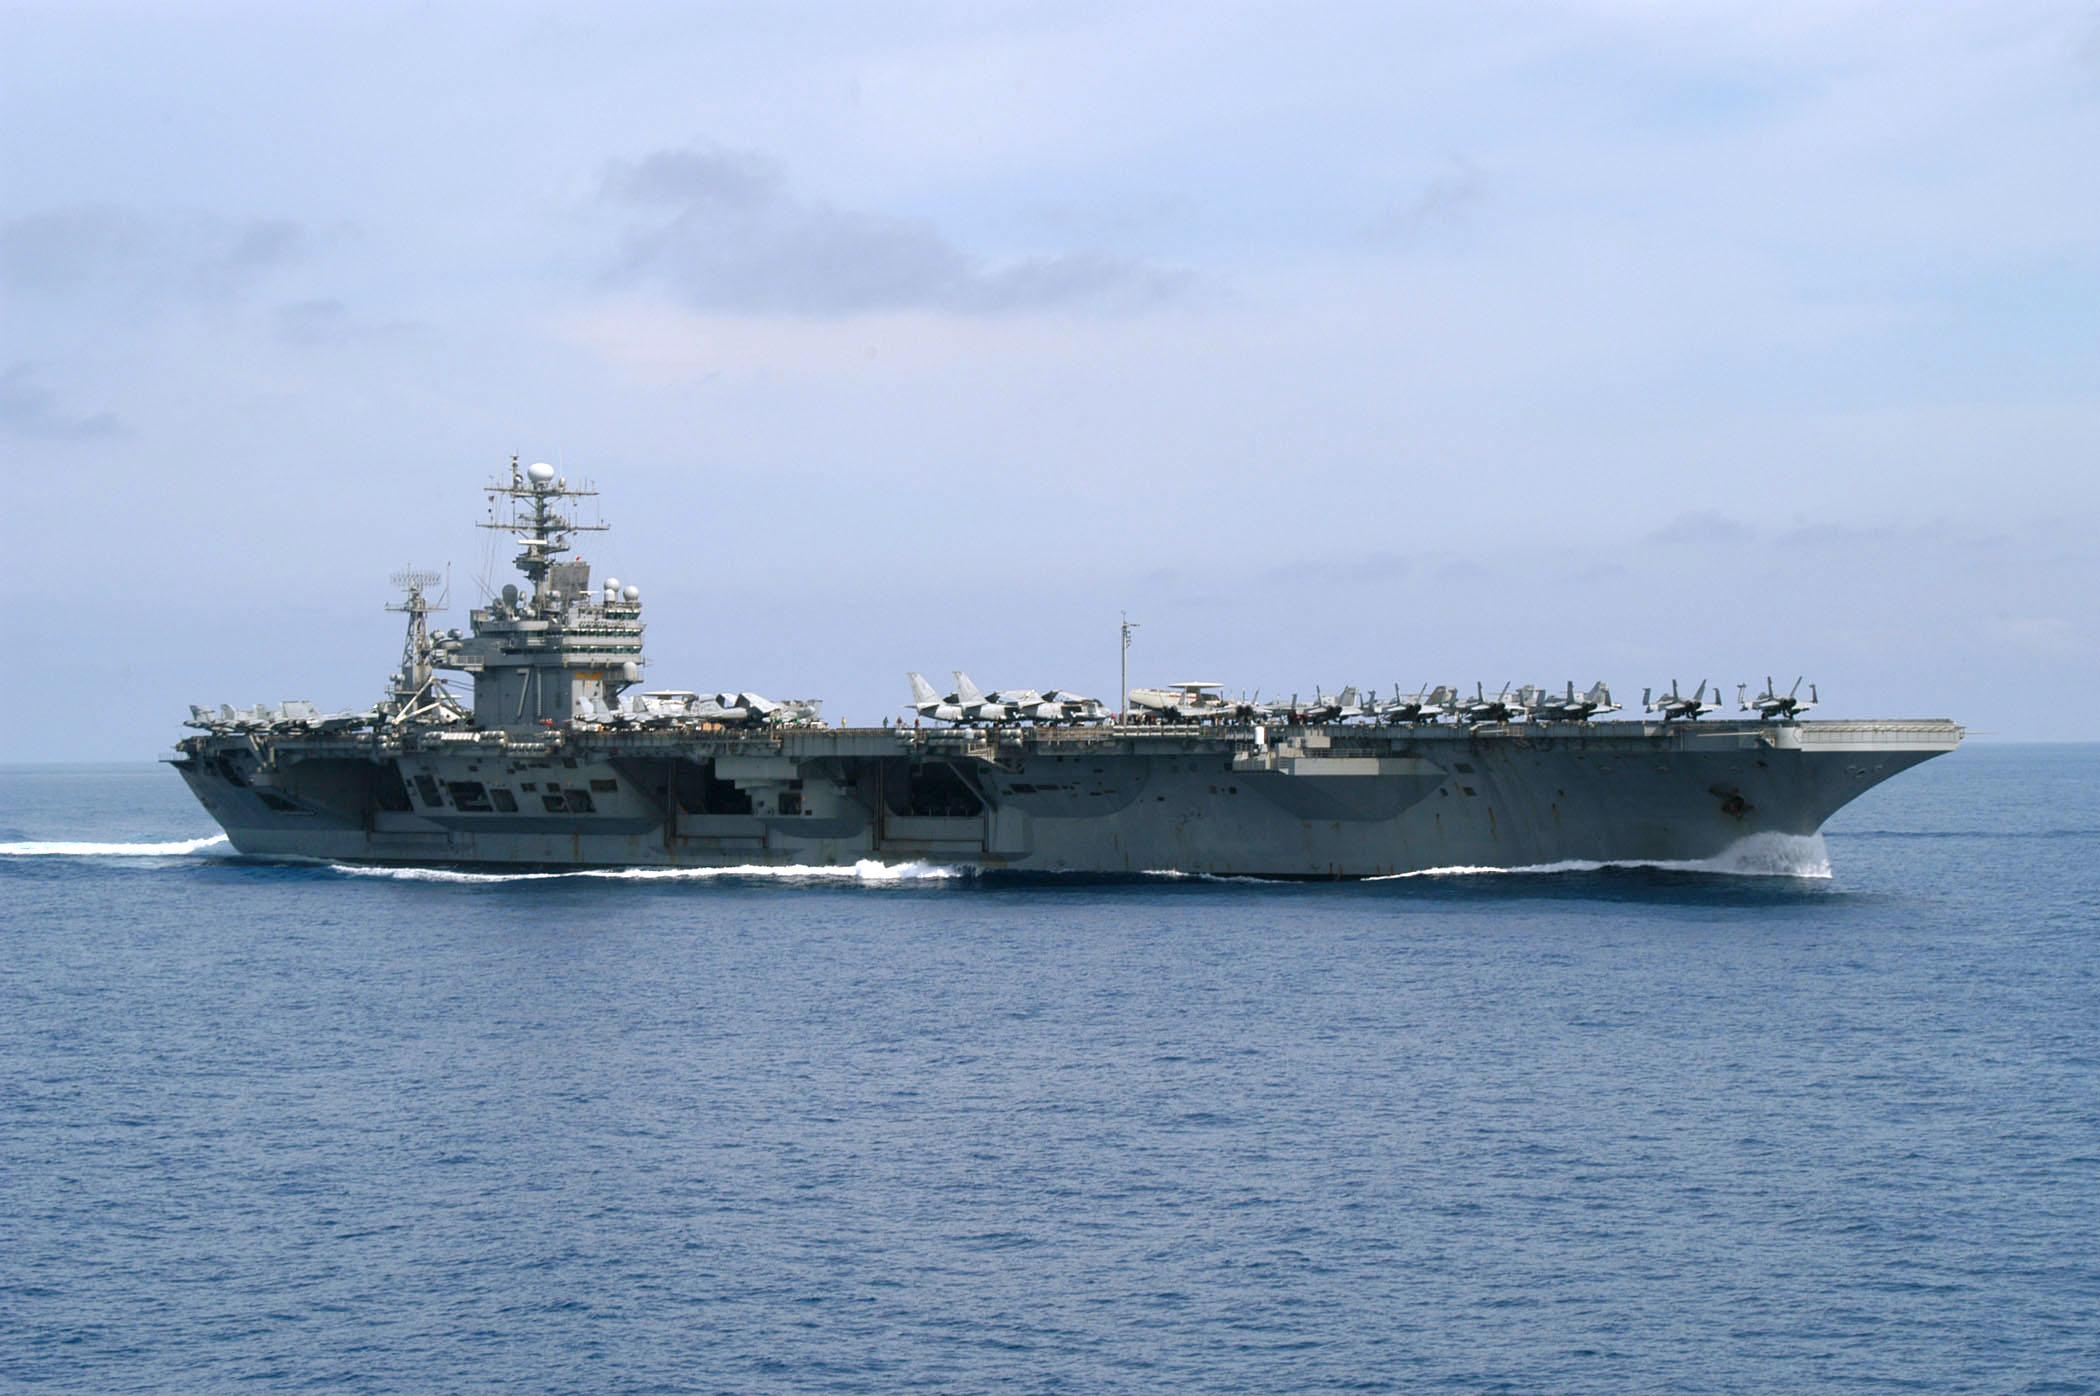 Hasta la marina de EEUU afectada por coronavirus; retiran a personal que alertó situación